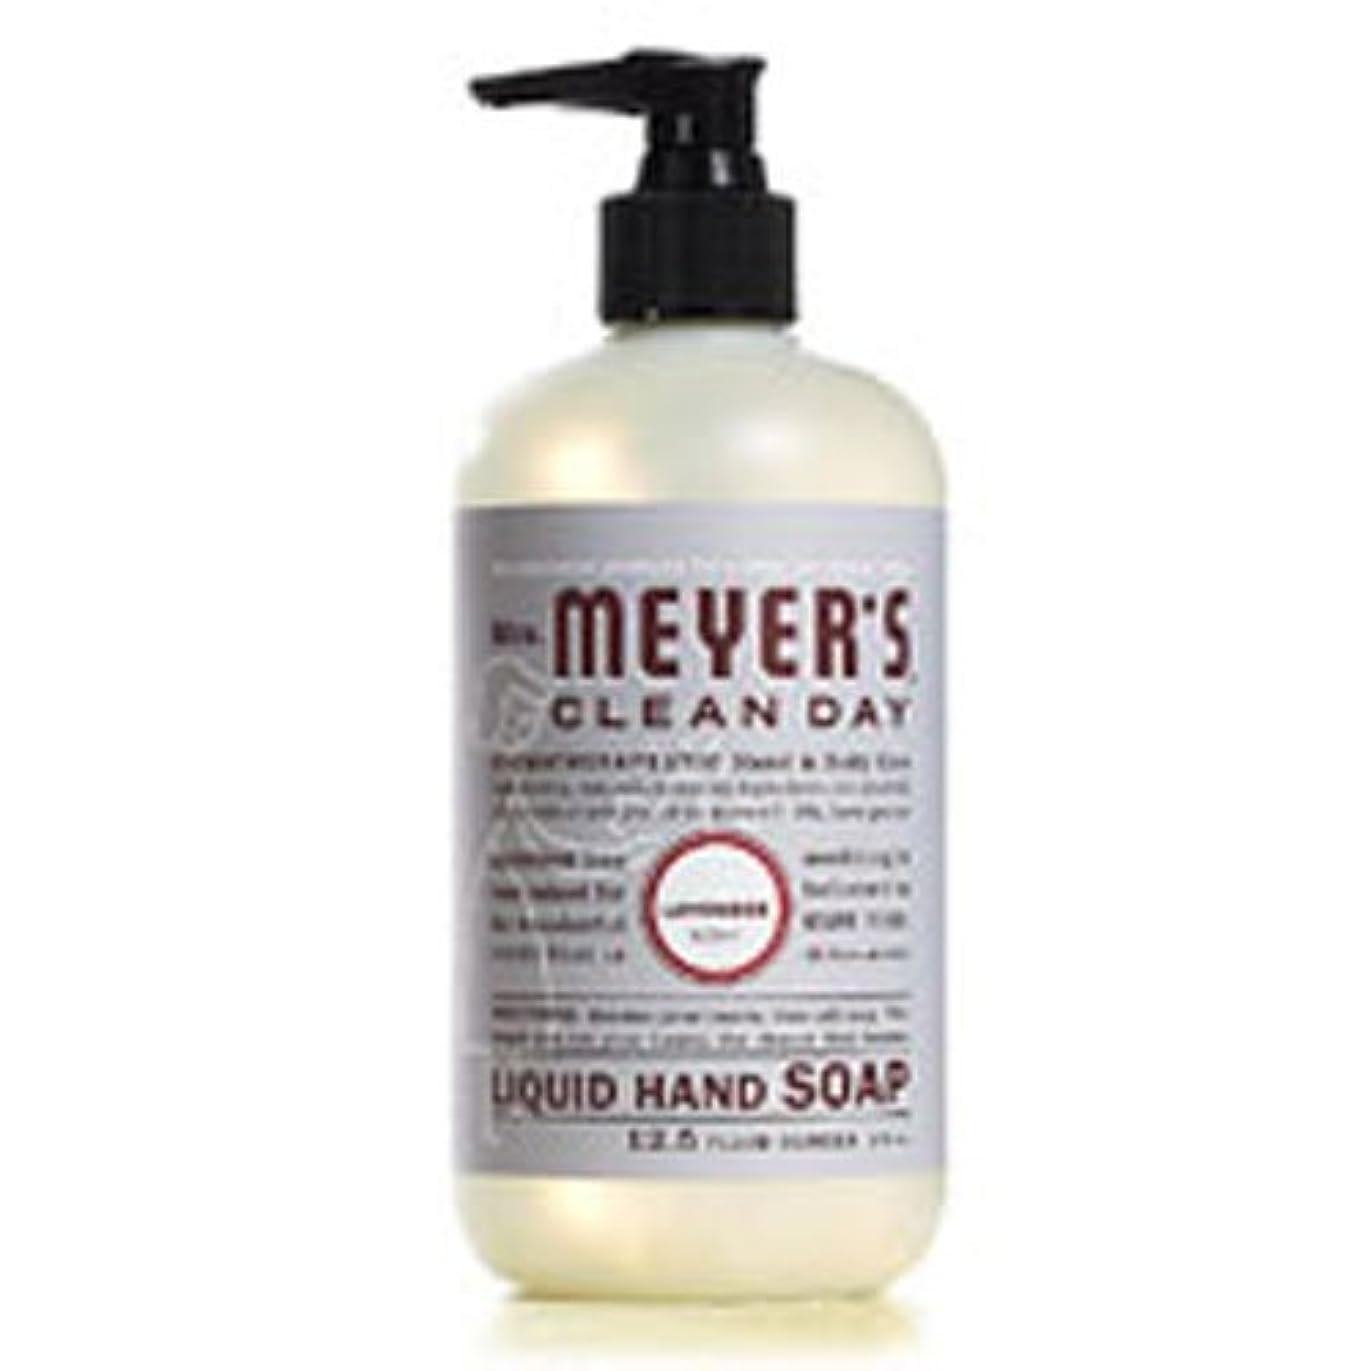 びっくりした退却憲法Lavender Liquid Hand Soap, 12.5 Ounce [Set of 2] by Mrs. Meyers